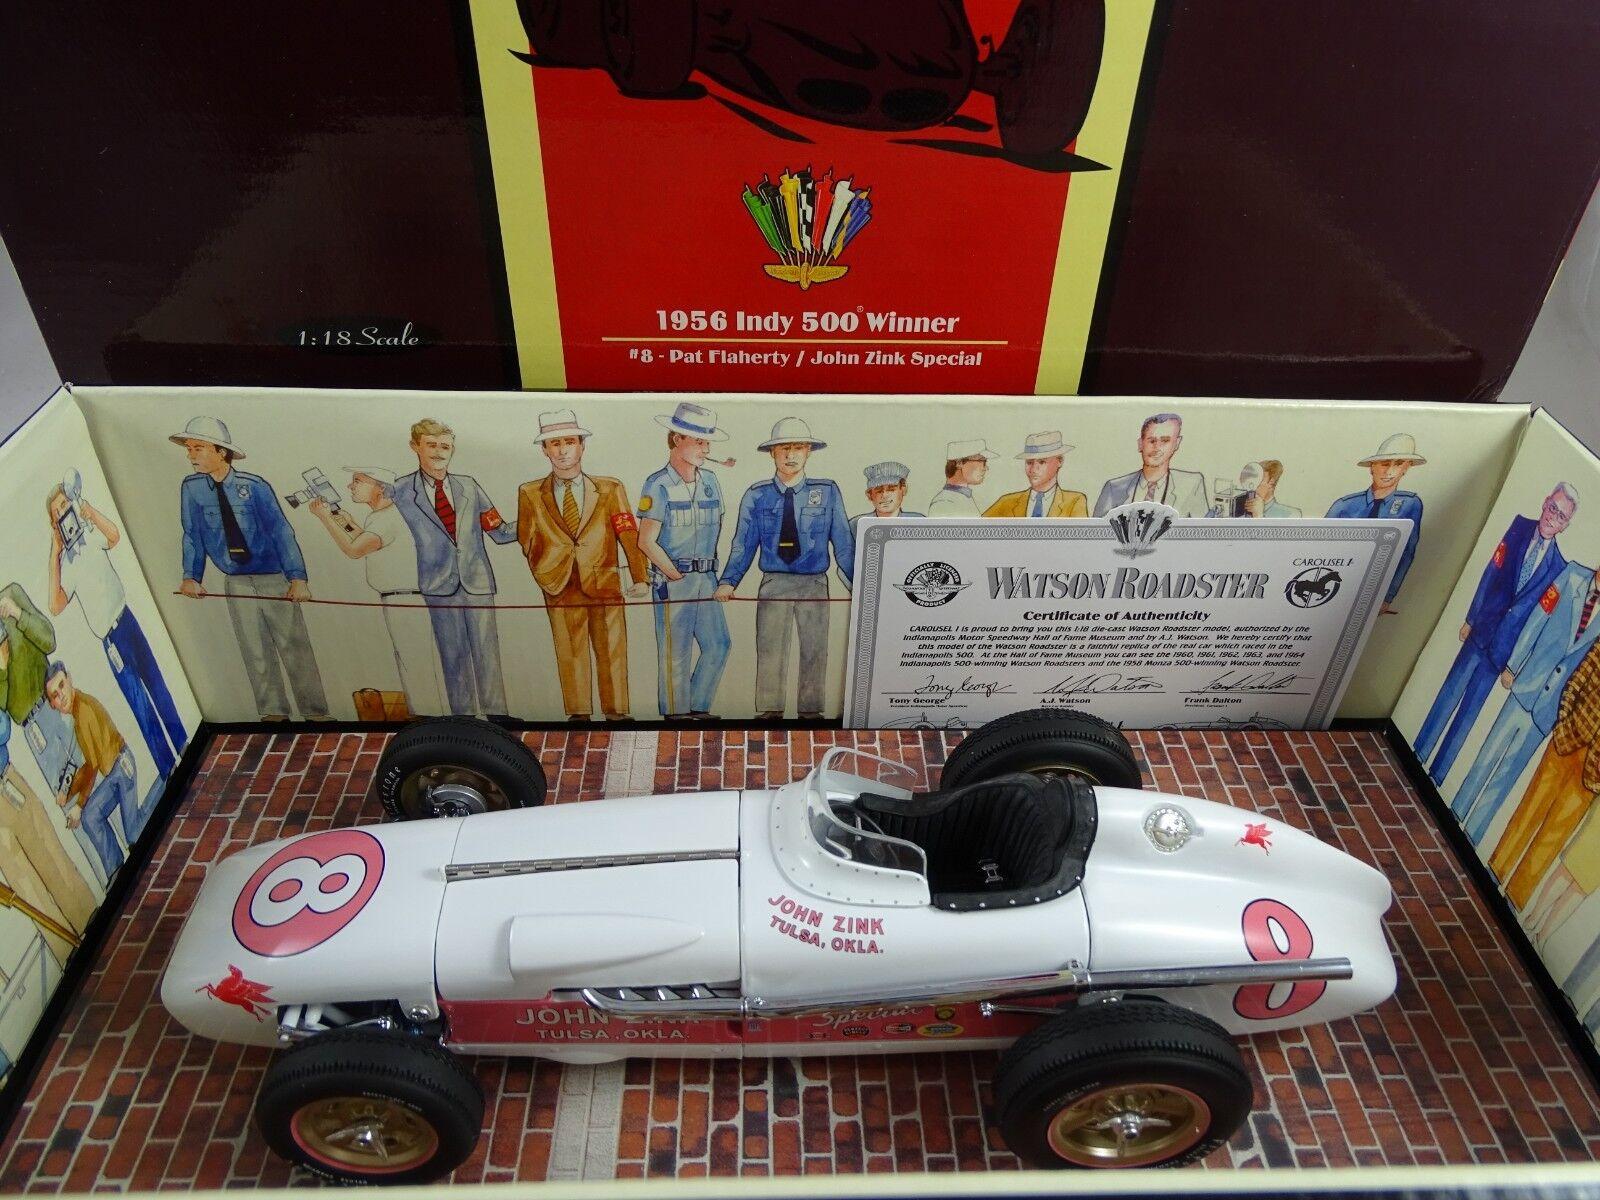 1 18 Carousel  4409 Watson Roadster 1956 Indy 500 Winner  8 Rarität §    Konzentrieren Sie sich auf das Babyleben